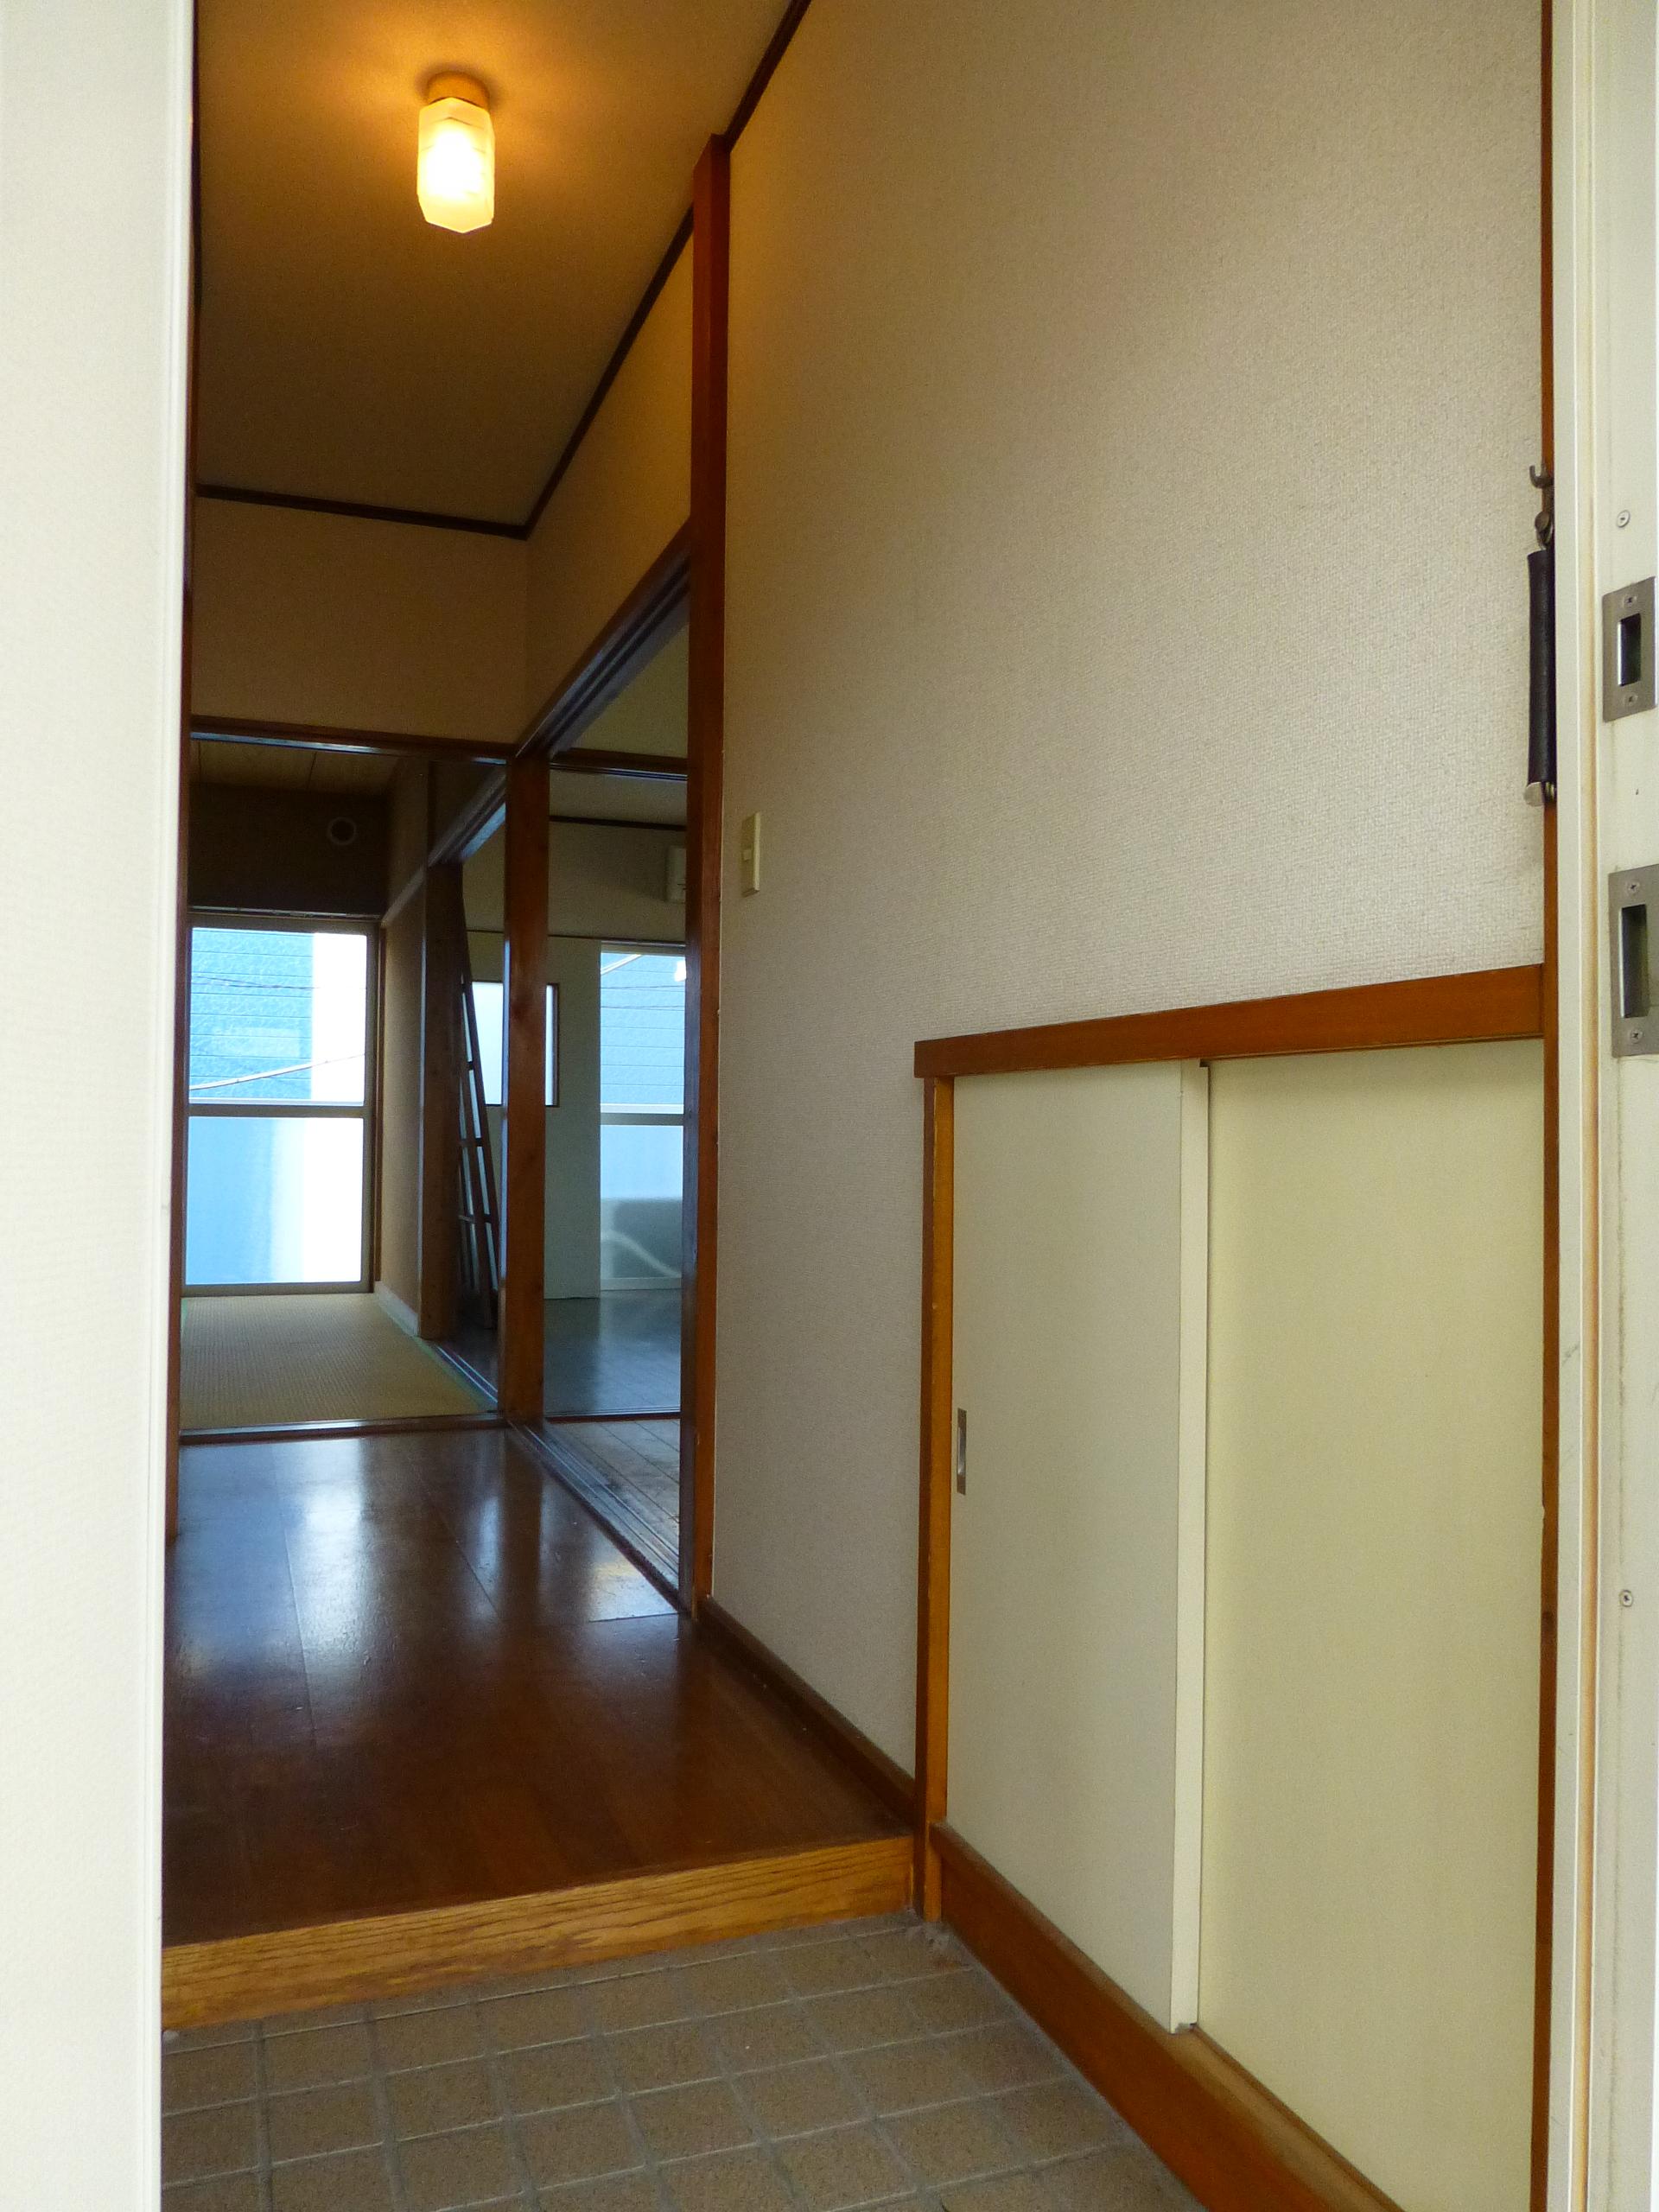 川崎市中原区 賃貸リノベーションJ125229